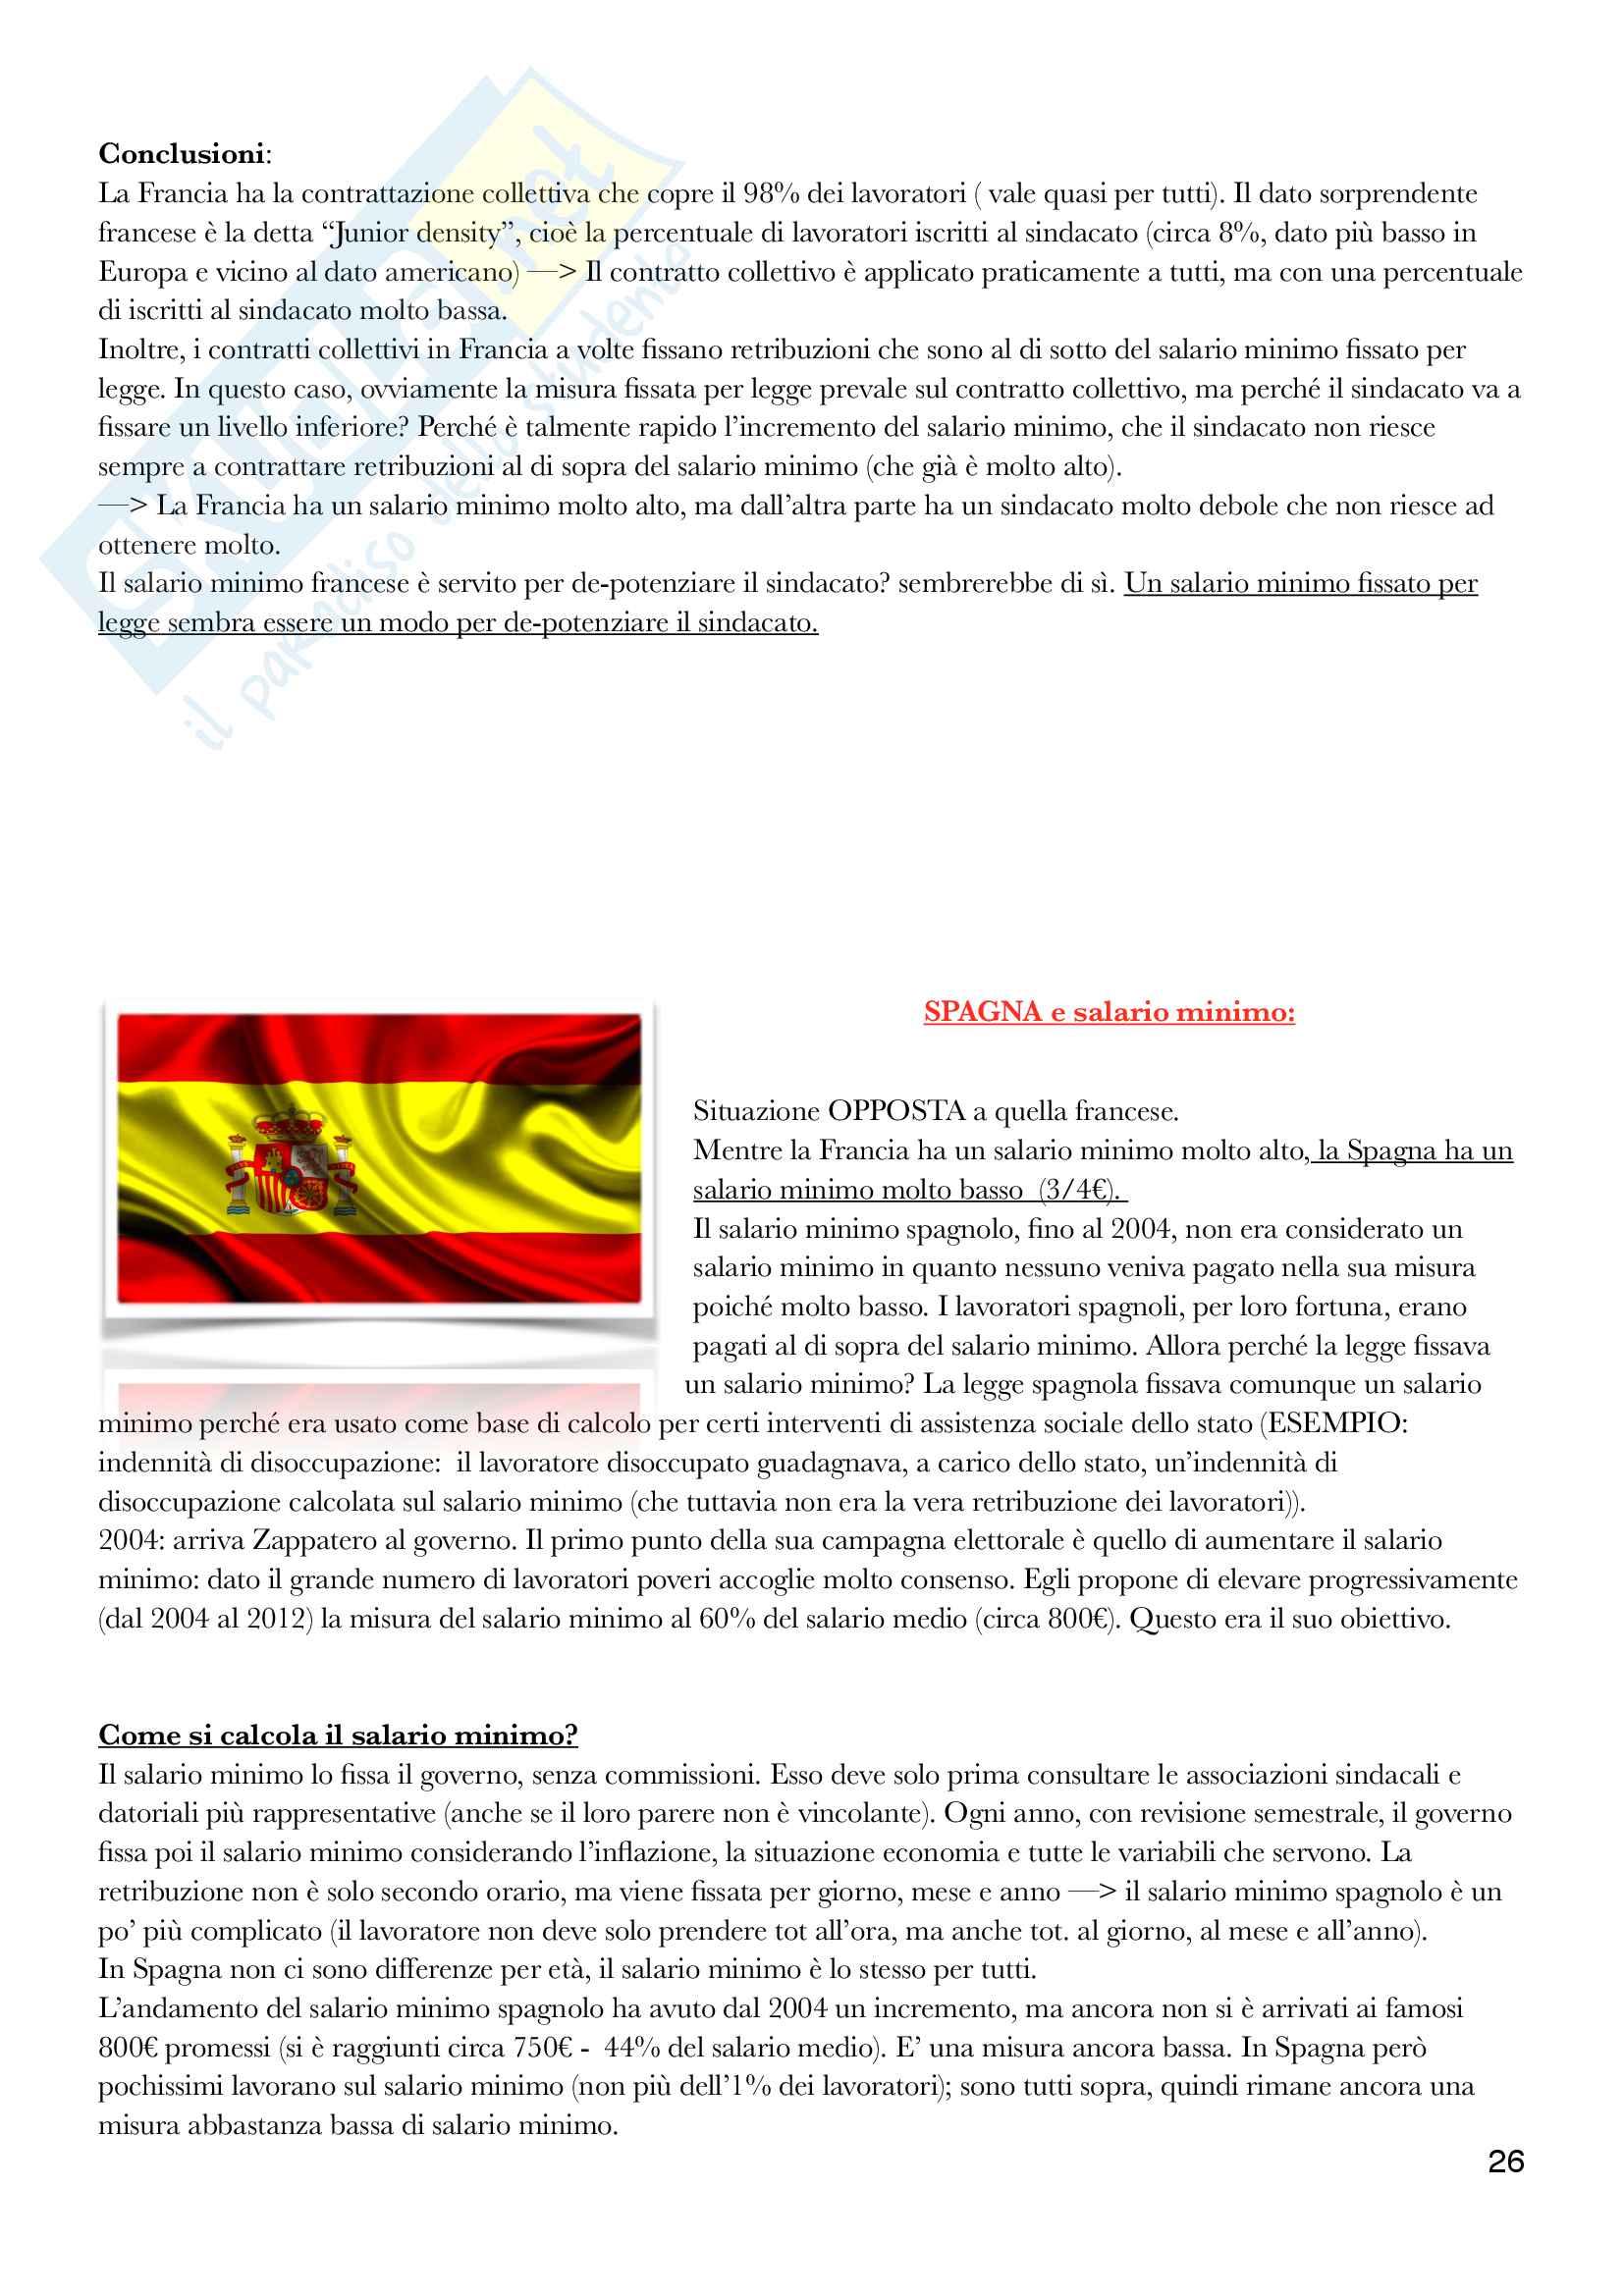 Diritto del lavoro - II Modulo Prof. Emanuele Menegatti. Appunti presi a lezione. Pag. 26